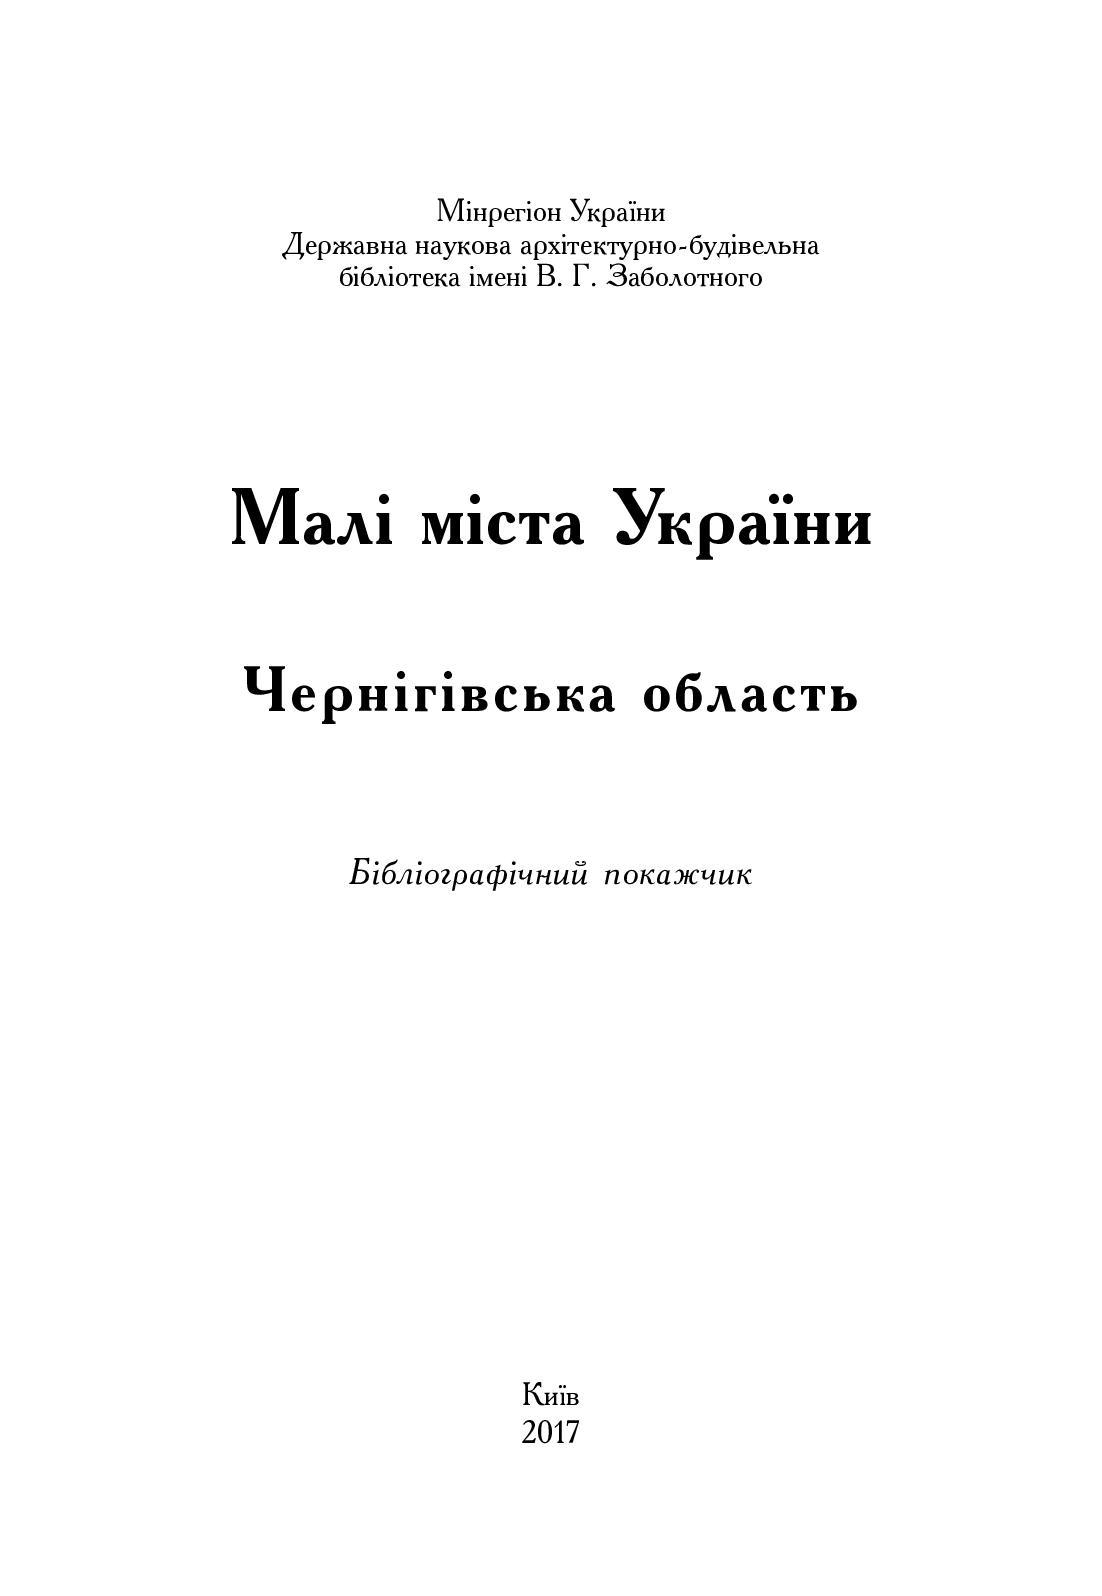 Чернігівська область 25 10 2017